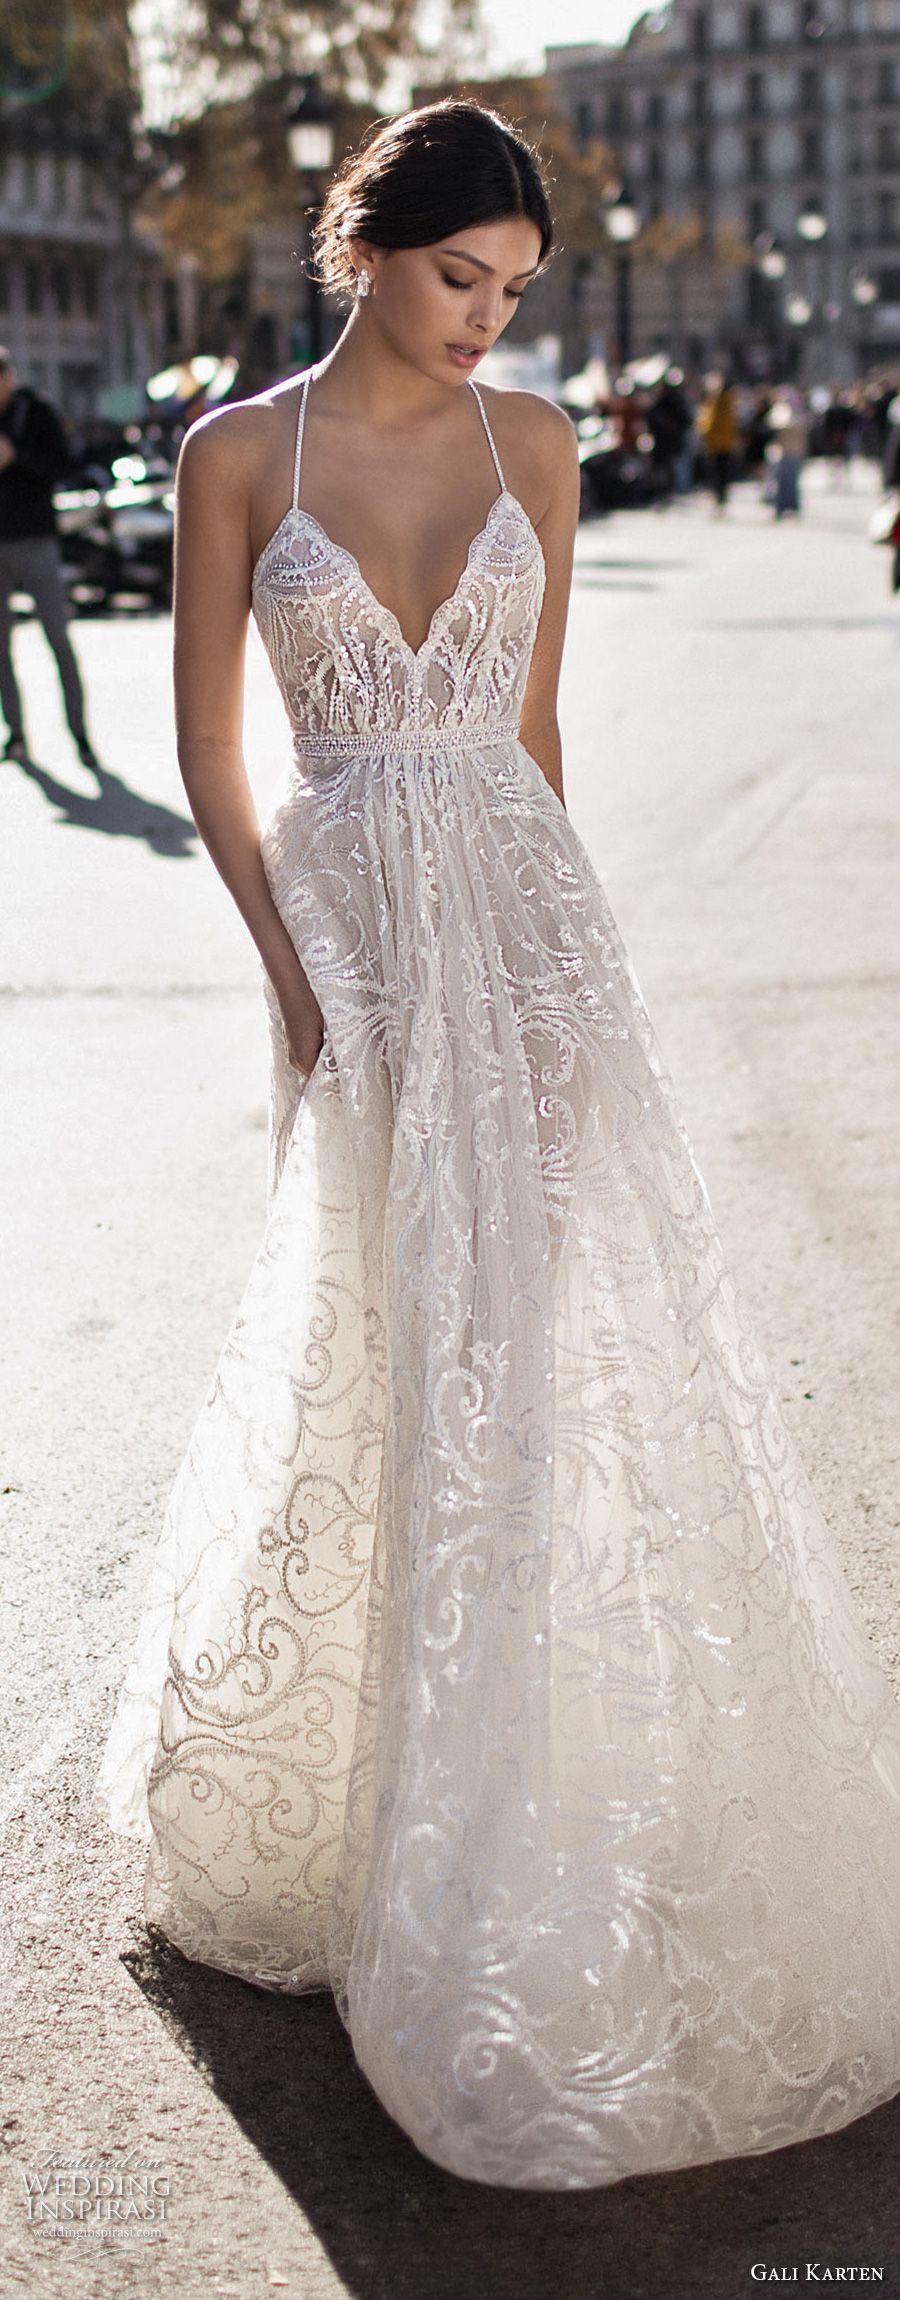 Wedding dress nip slip  abbiexxbrown abbiexxbrown on Pinterest